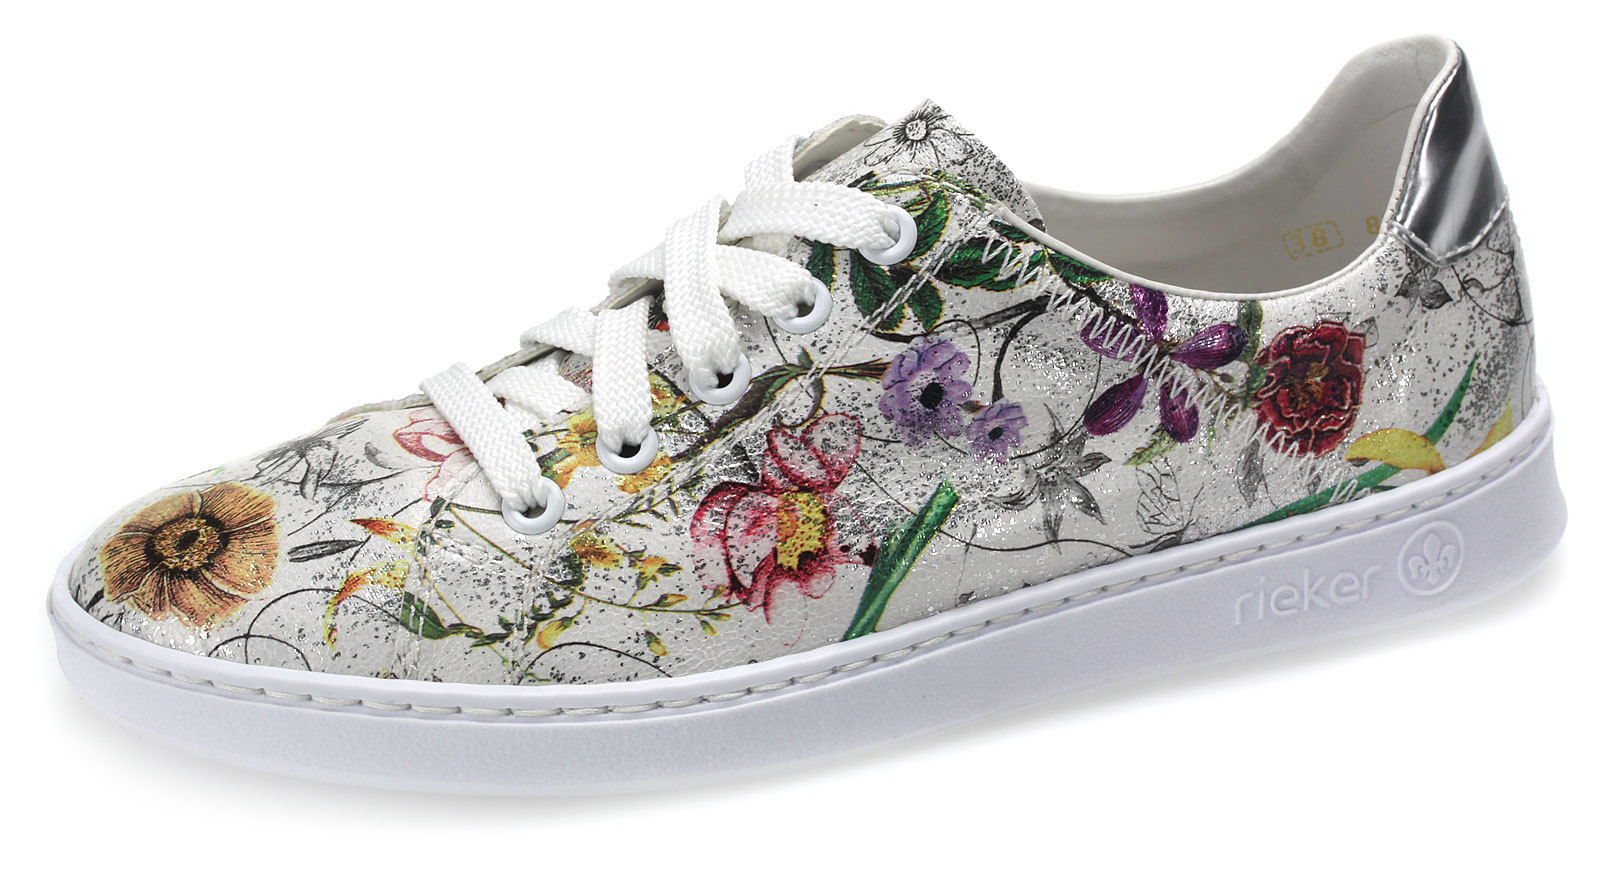 Details zu Rieker Damen Sneaker Sommer Damenschuhe Freizeitschuhe Blumen N48G190 multi 39